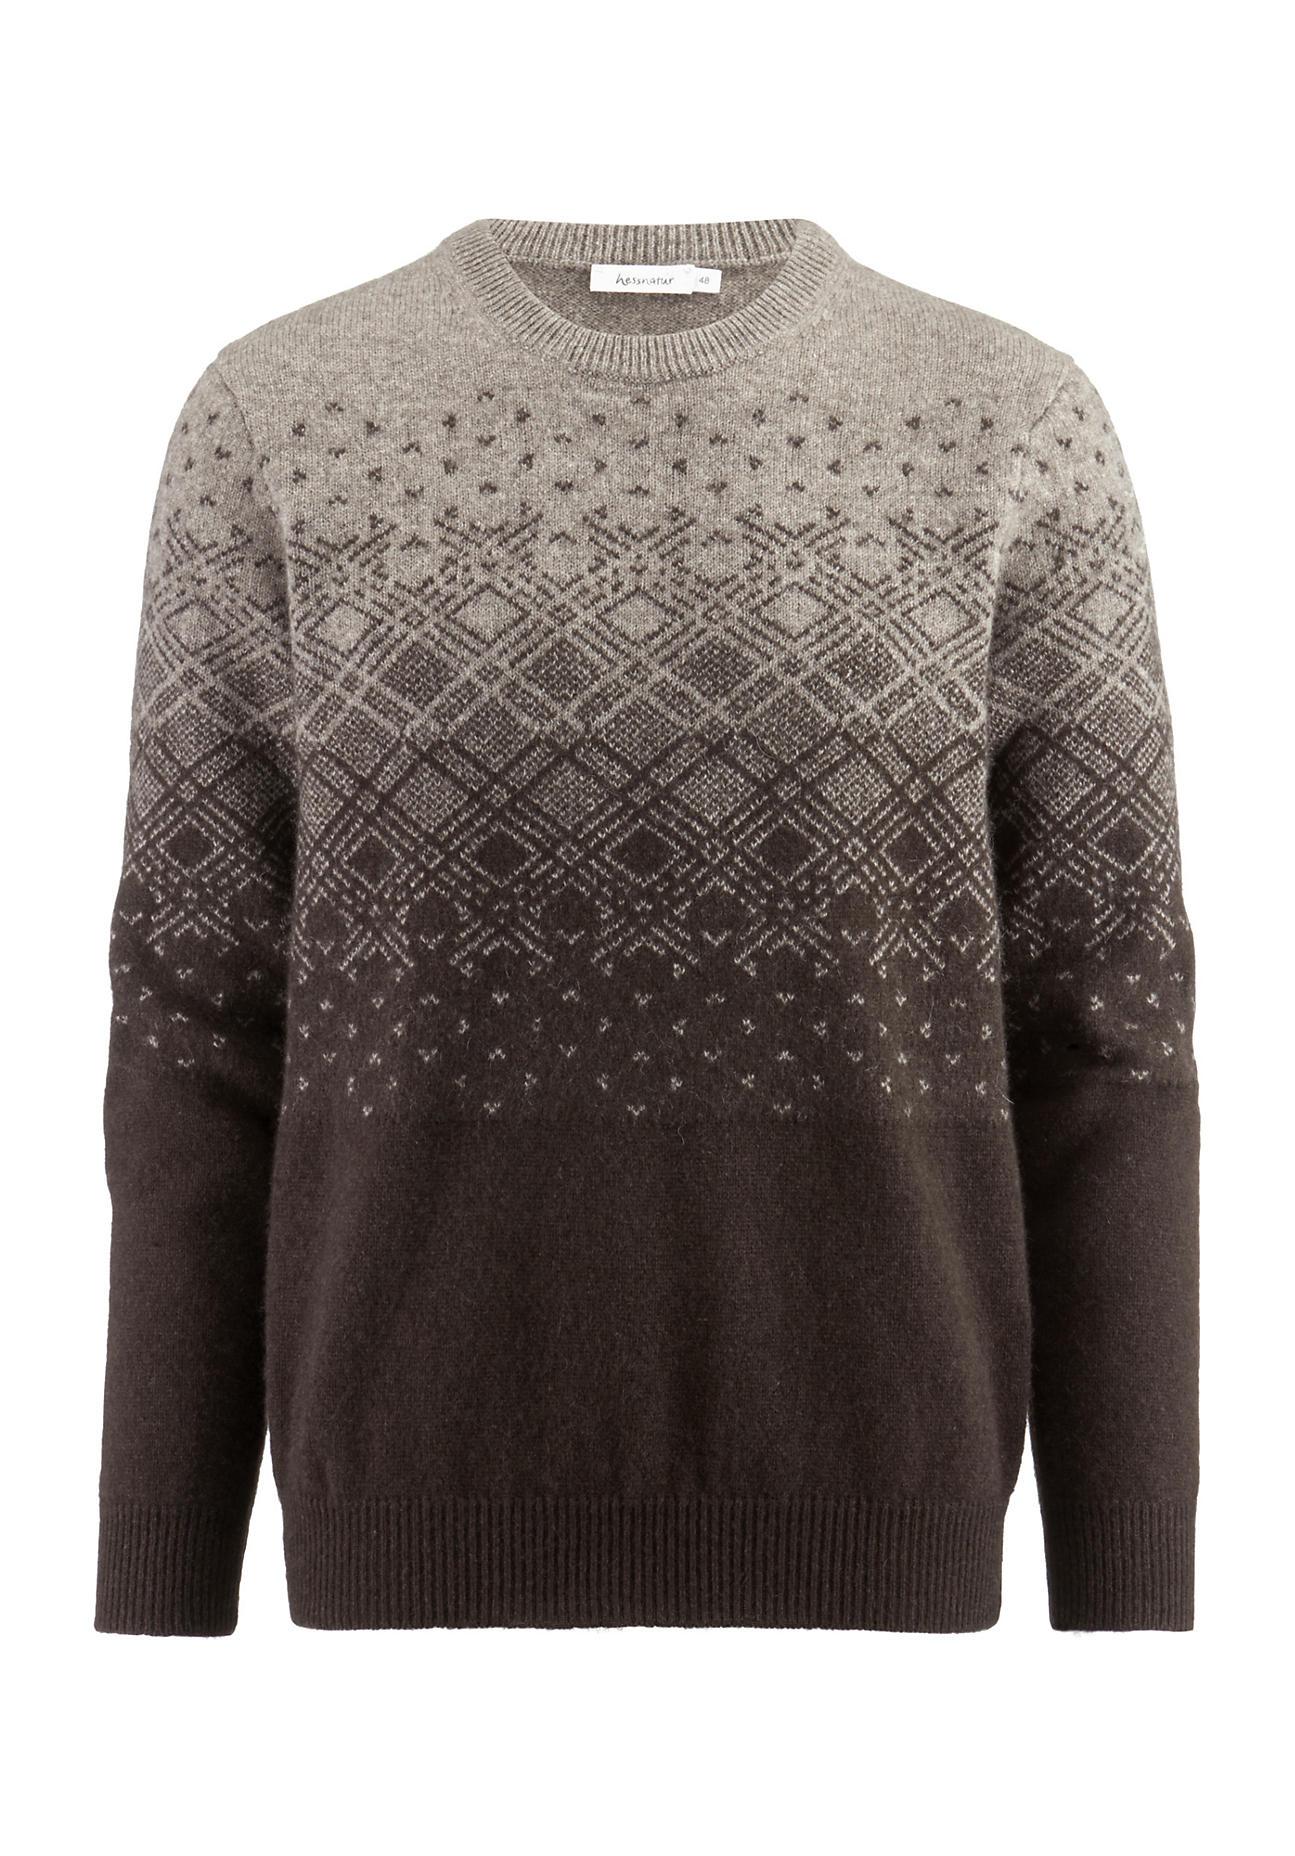 hessnatur Herren Norweger-Pullover aus Yakwolle – grau – Größe 48 | Bekleidung > Pullover > Norwegerpullover | hessnatur